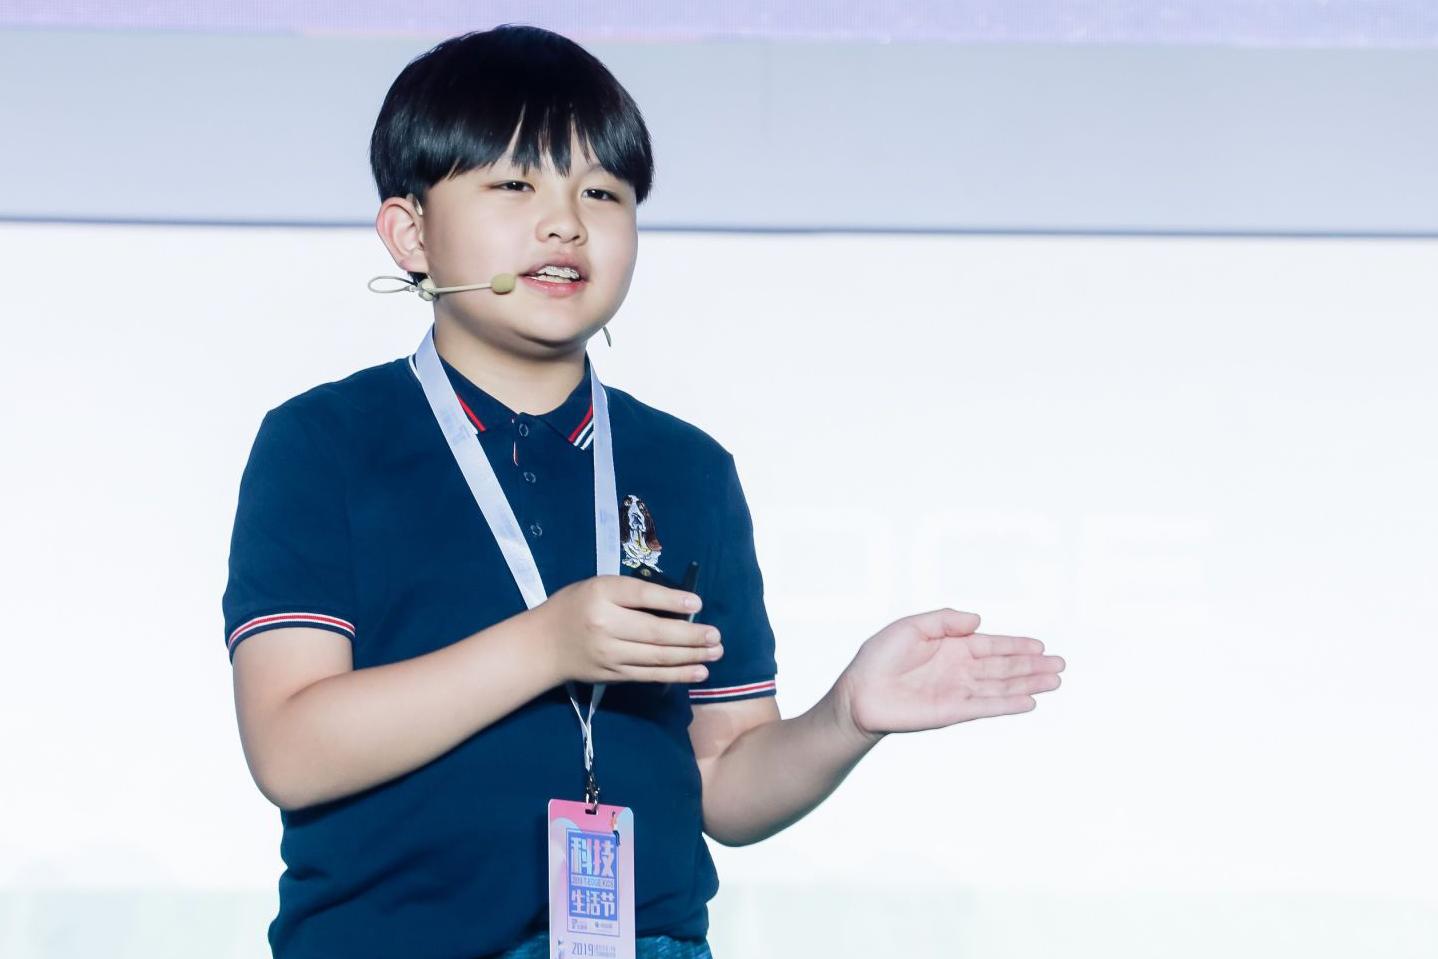 【2019T-EDGE】10后少年:我们这一代的童年在虚幻和现实的边界